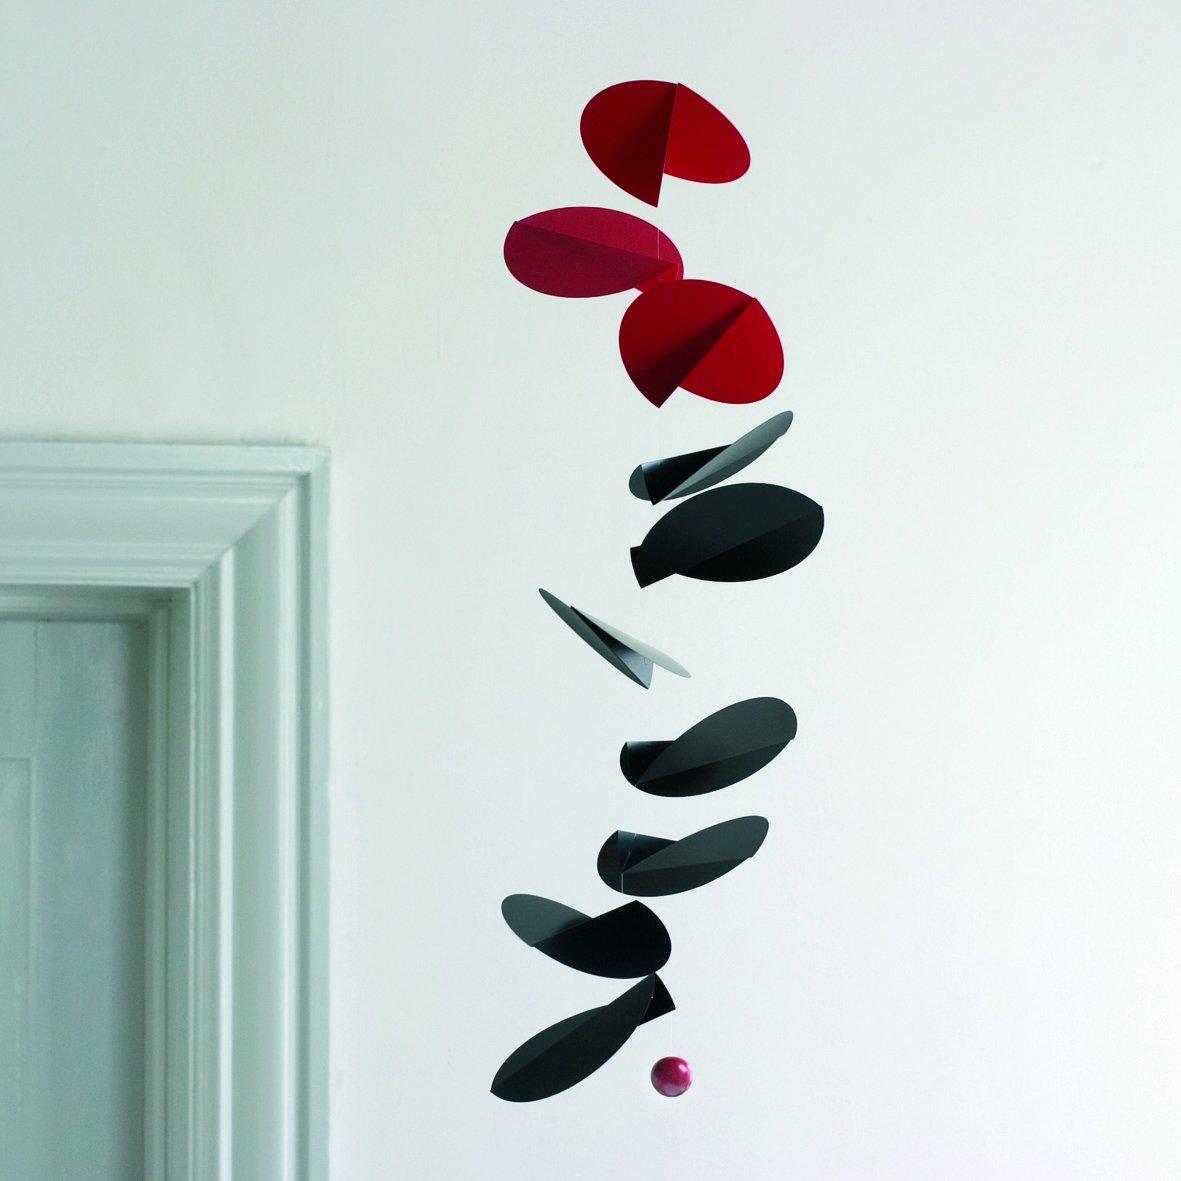 MOBILE DECORATION TURNING LEAVES rouge et noir FLENSTED